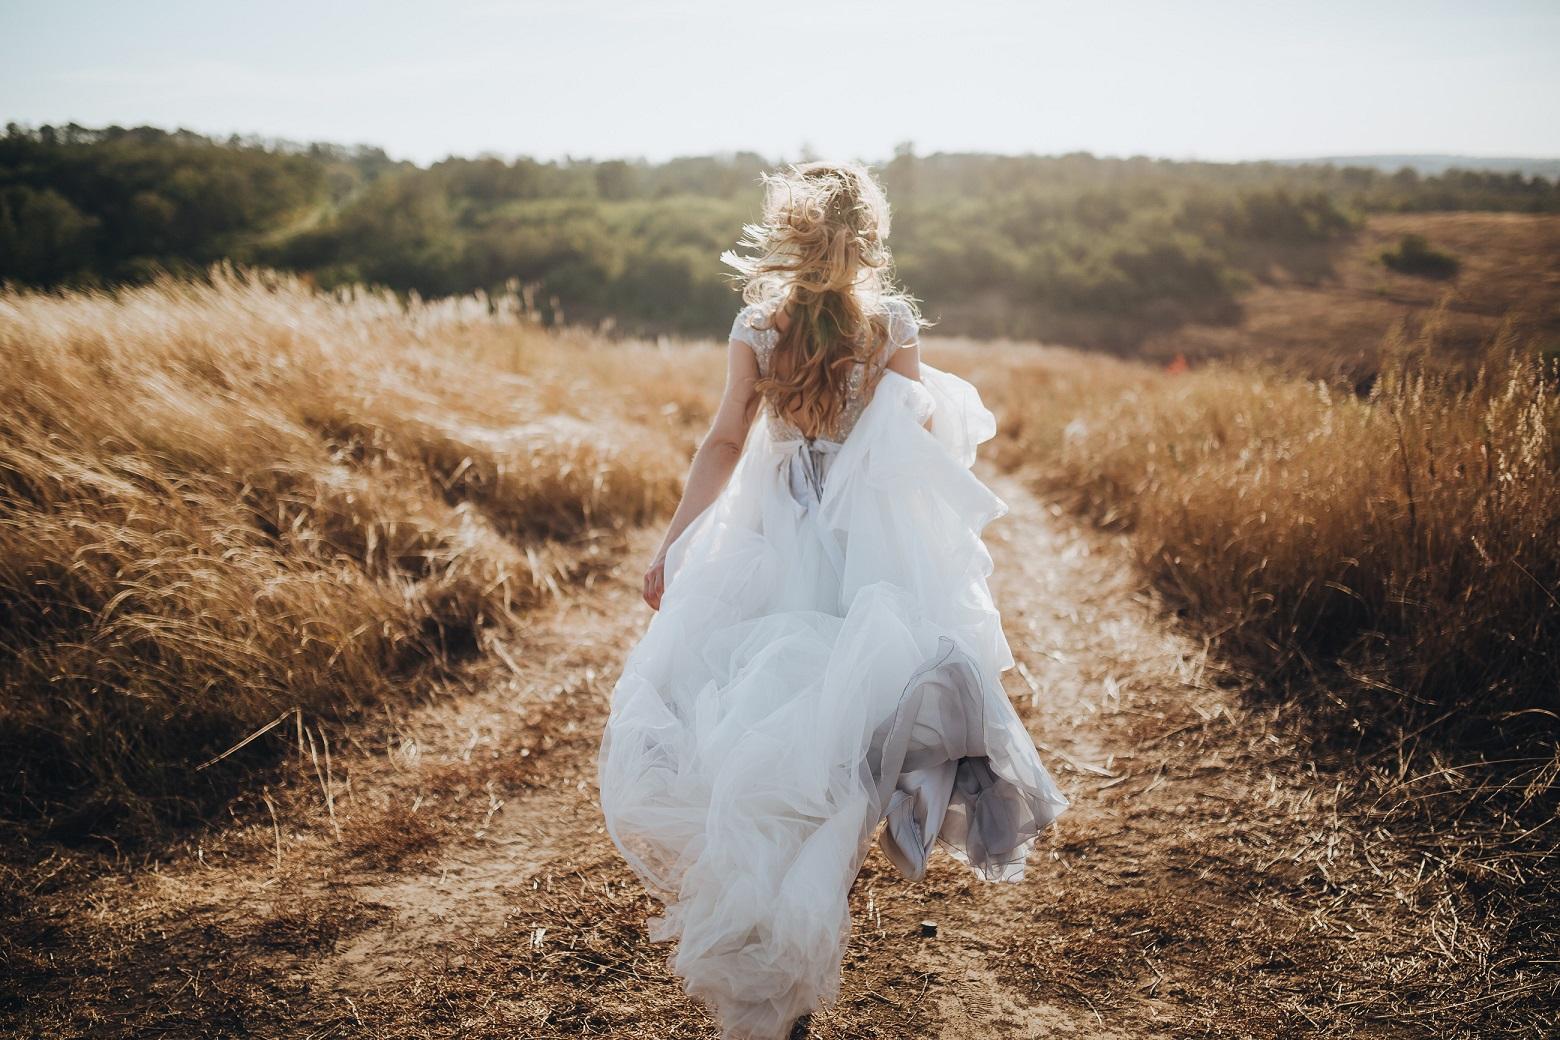 l'acconciatura della sposa